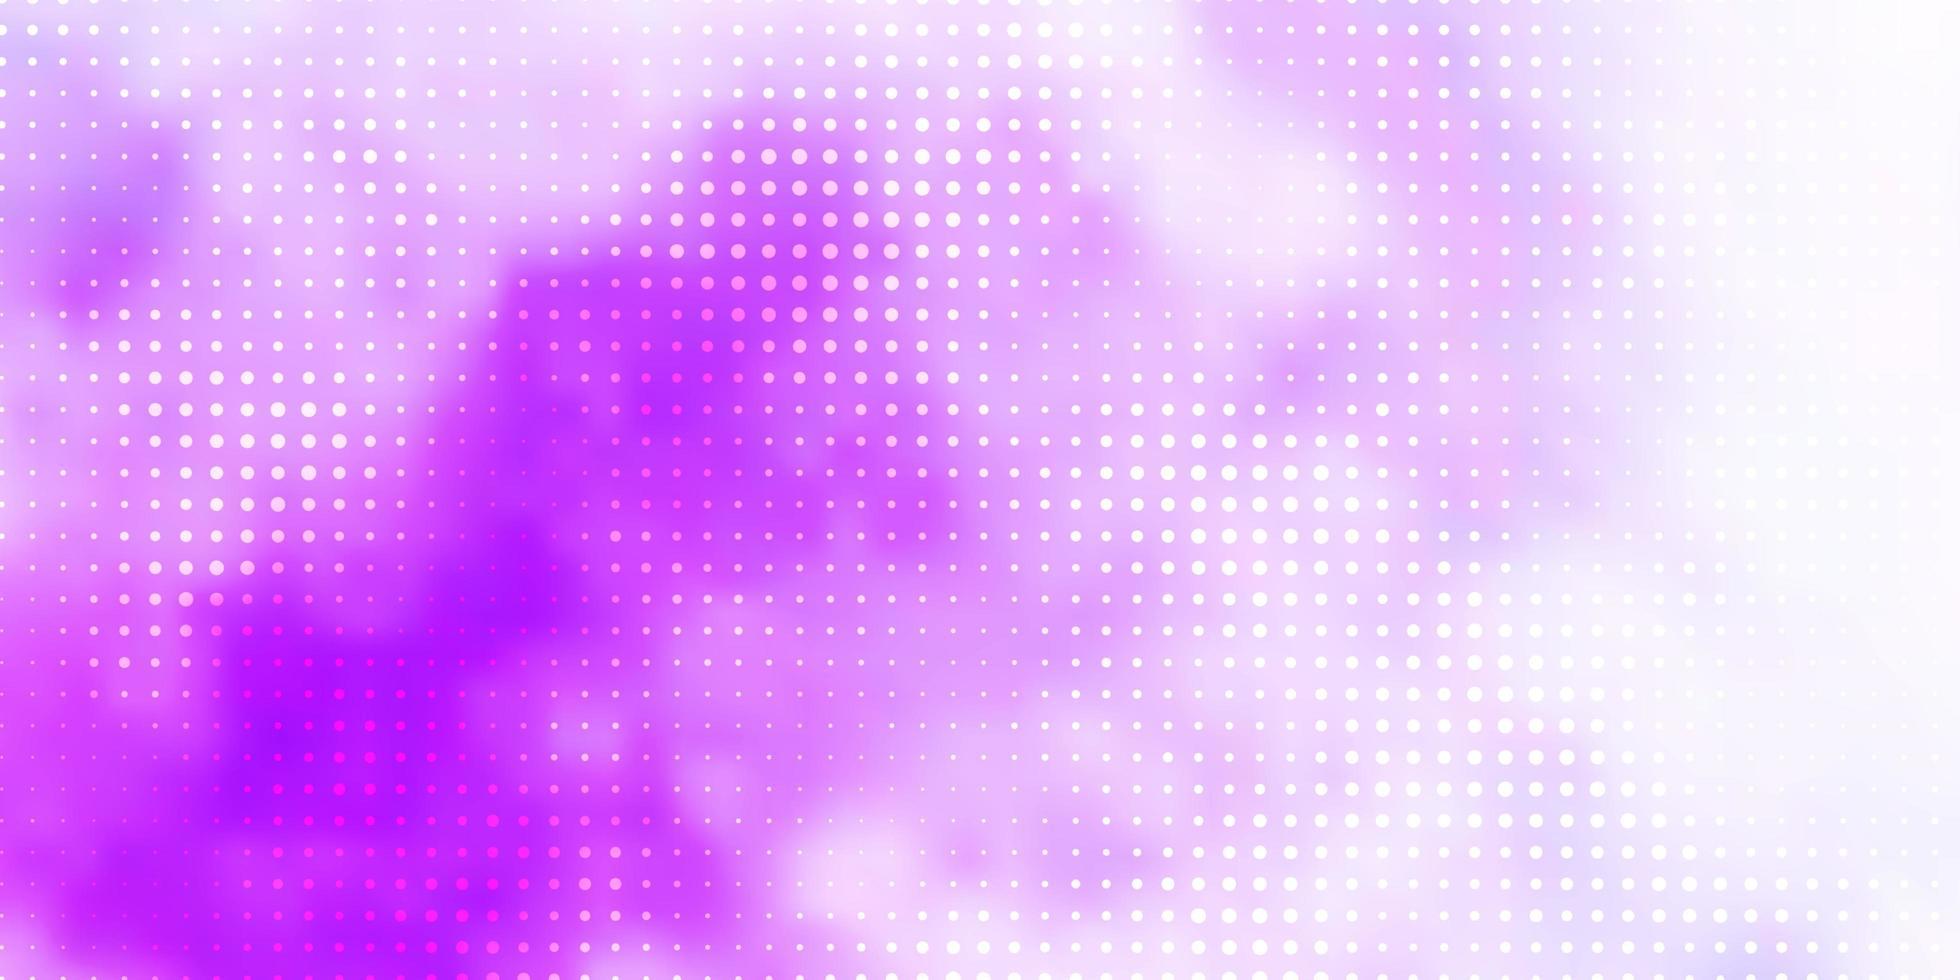 modèle vectoriel violet clair avec des sphères.